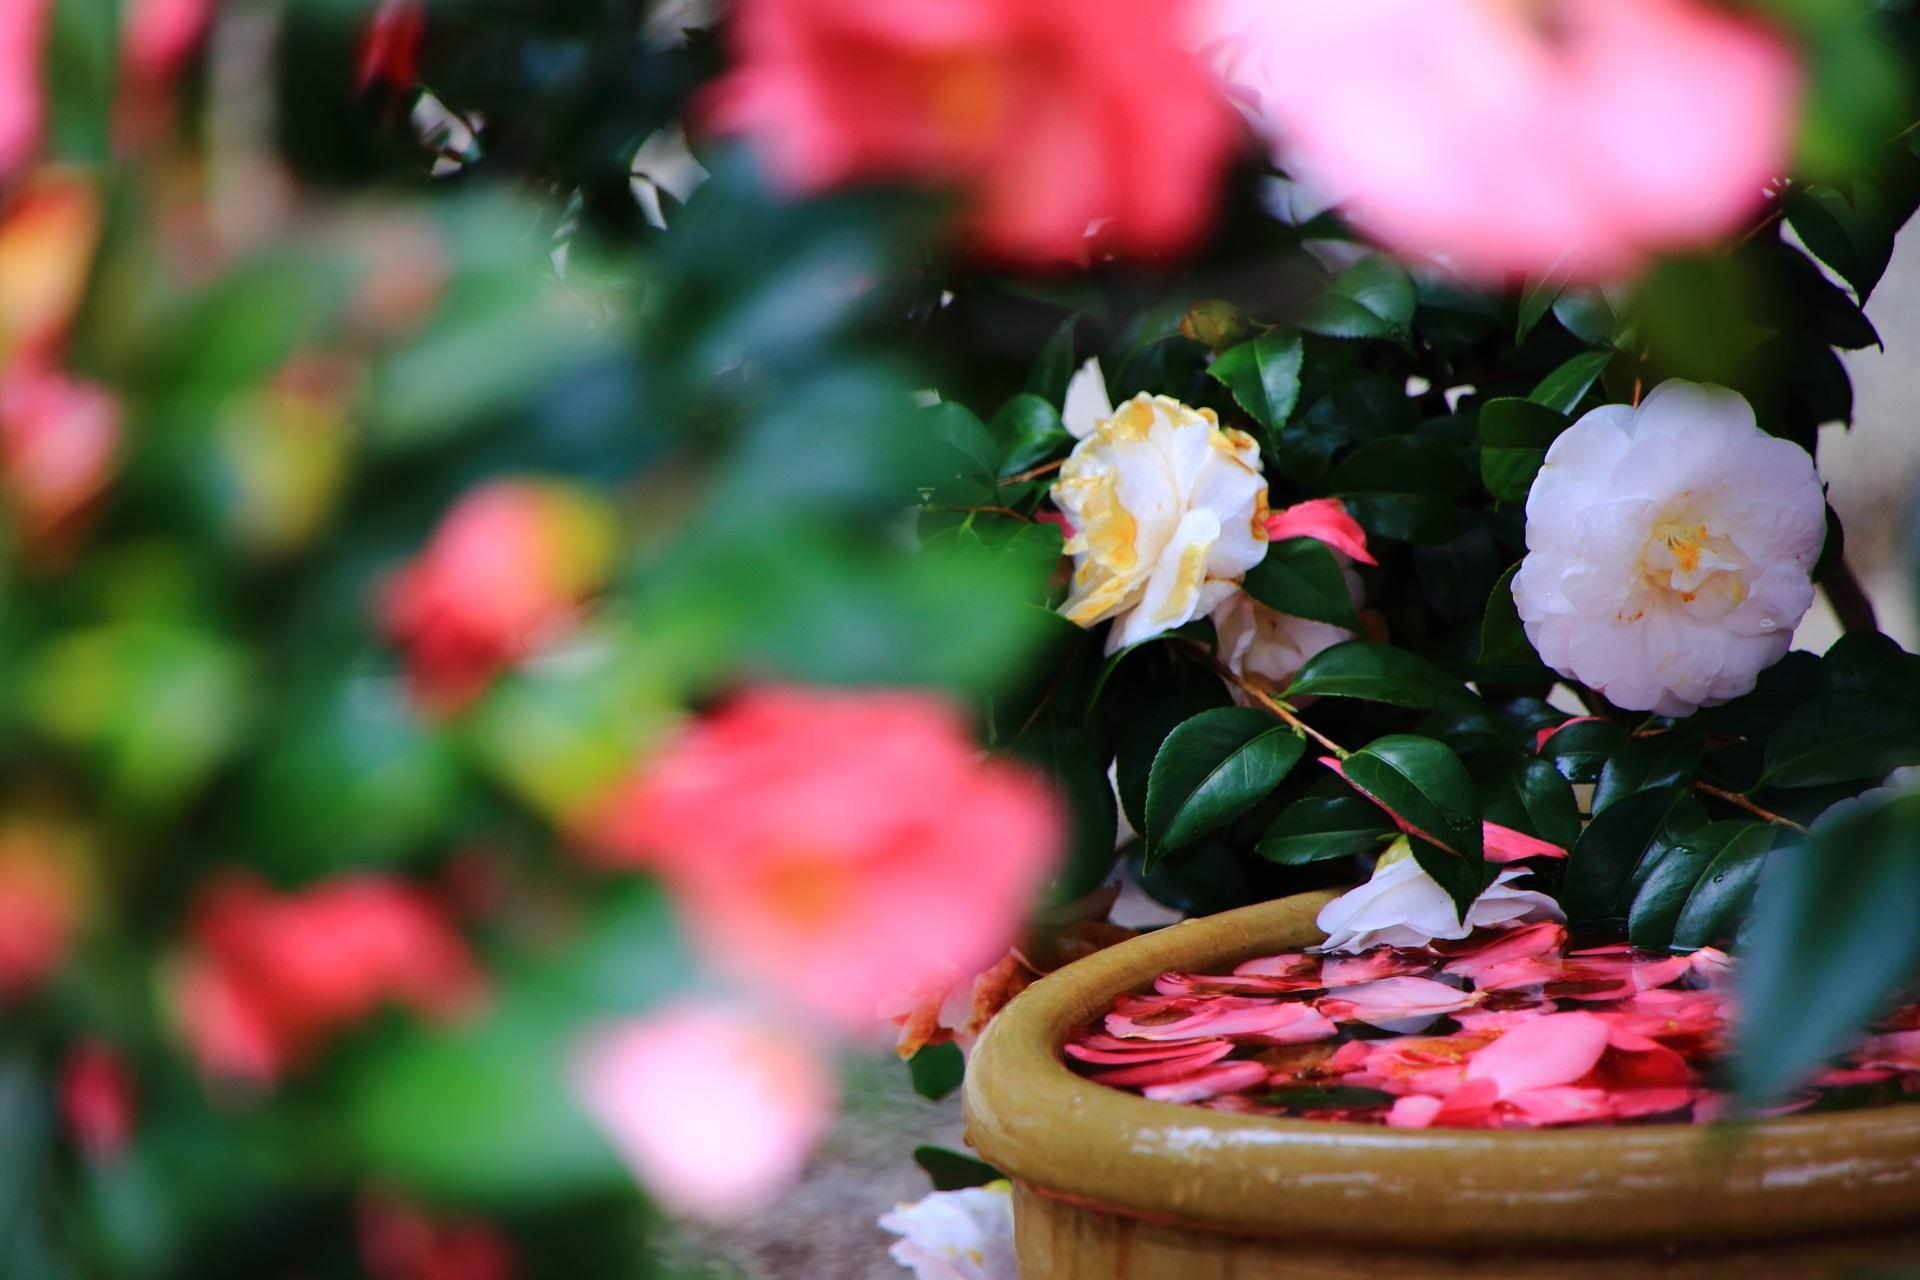 風情もあり絵になる何とも素晴らしい水鉢と椿と散り椿